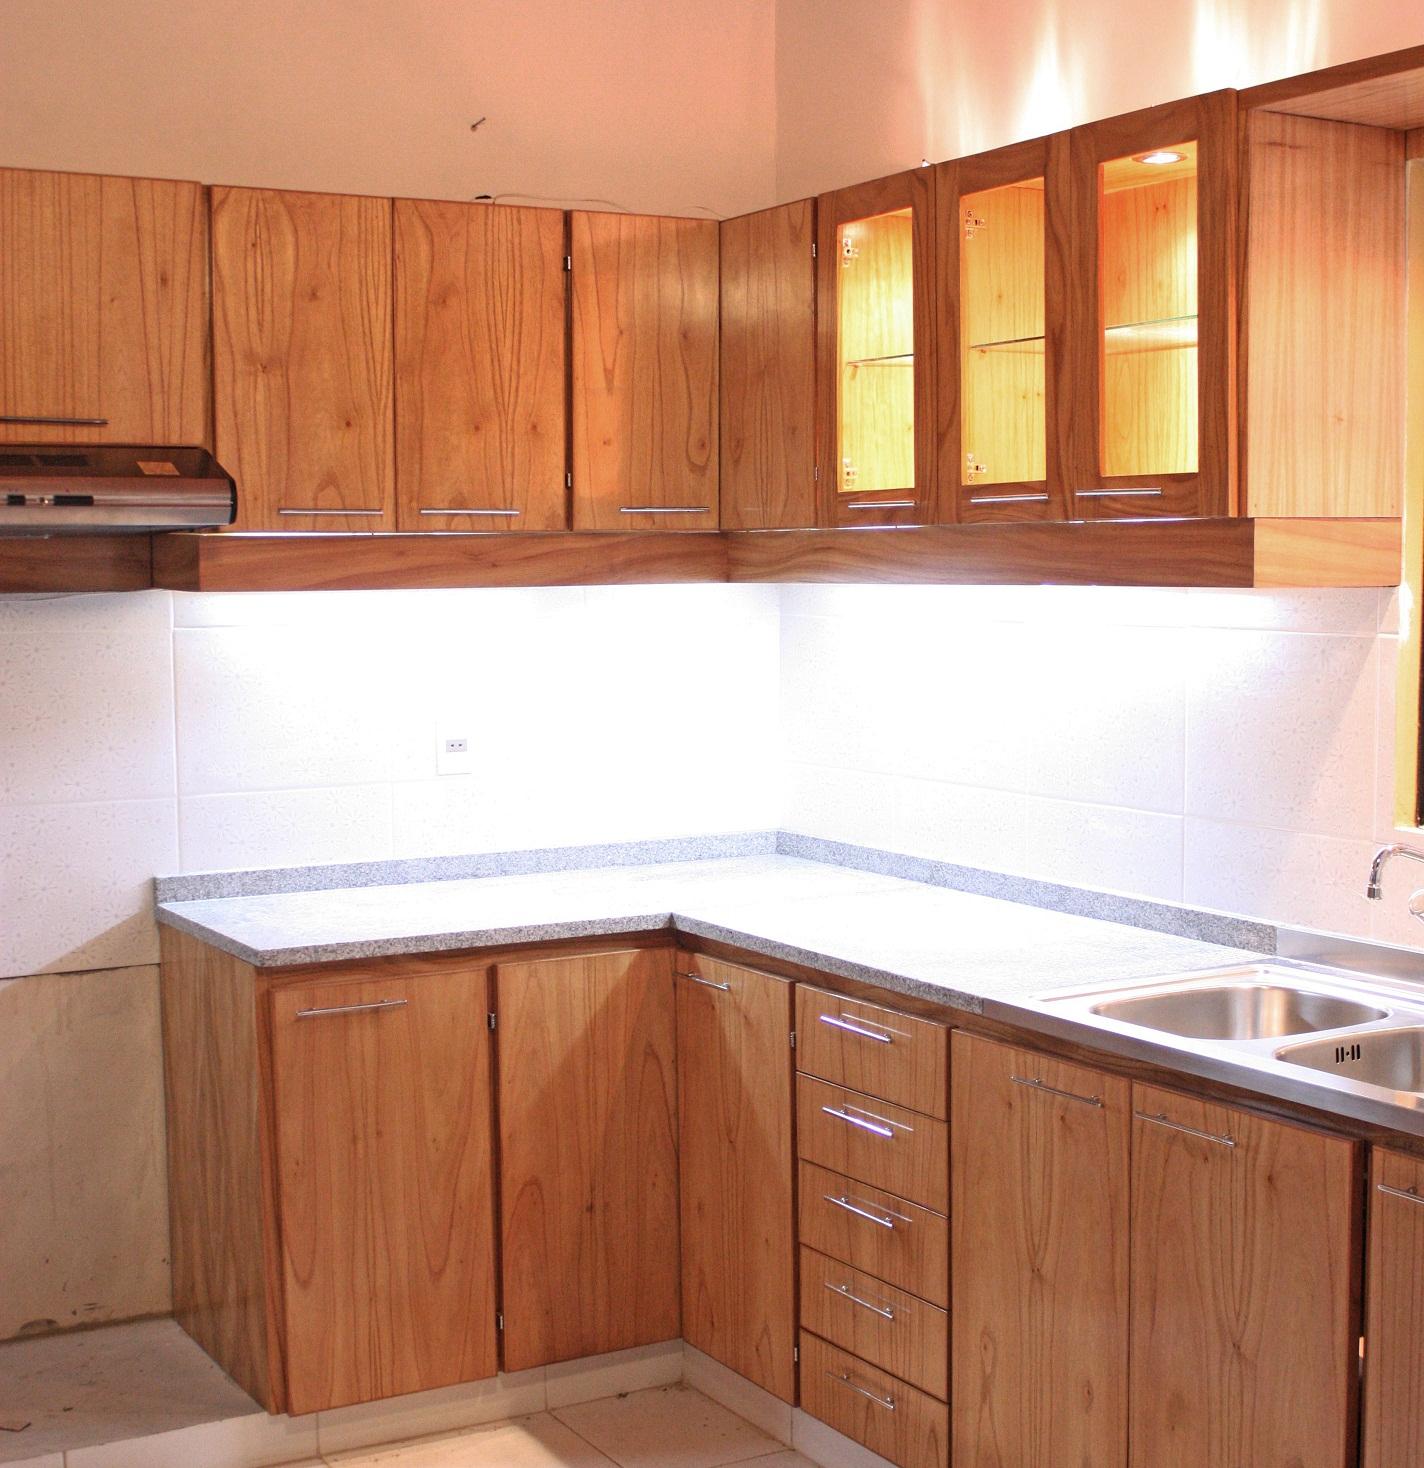 Tapicer a c ndor reposteros o alacenas de madera for Alacenas para cocina